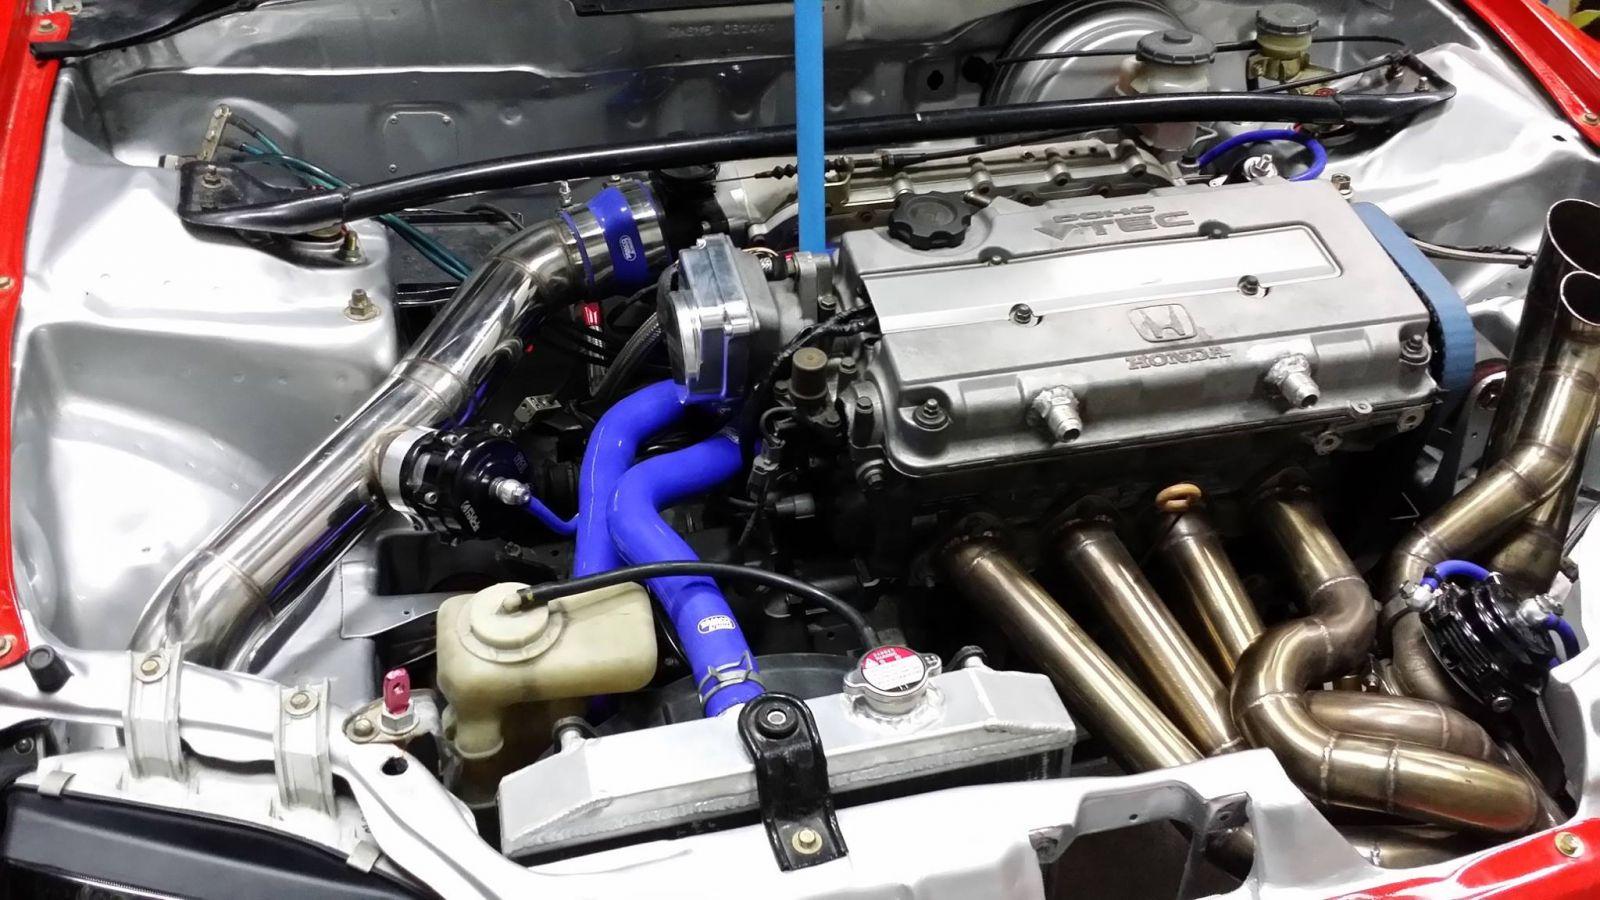 Honda Civic Turbo Kits Honda civic EG / Project drag car ( Quick 8 class )